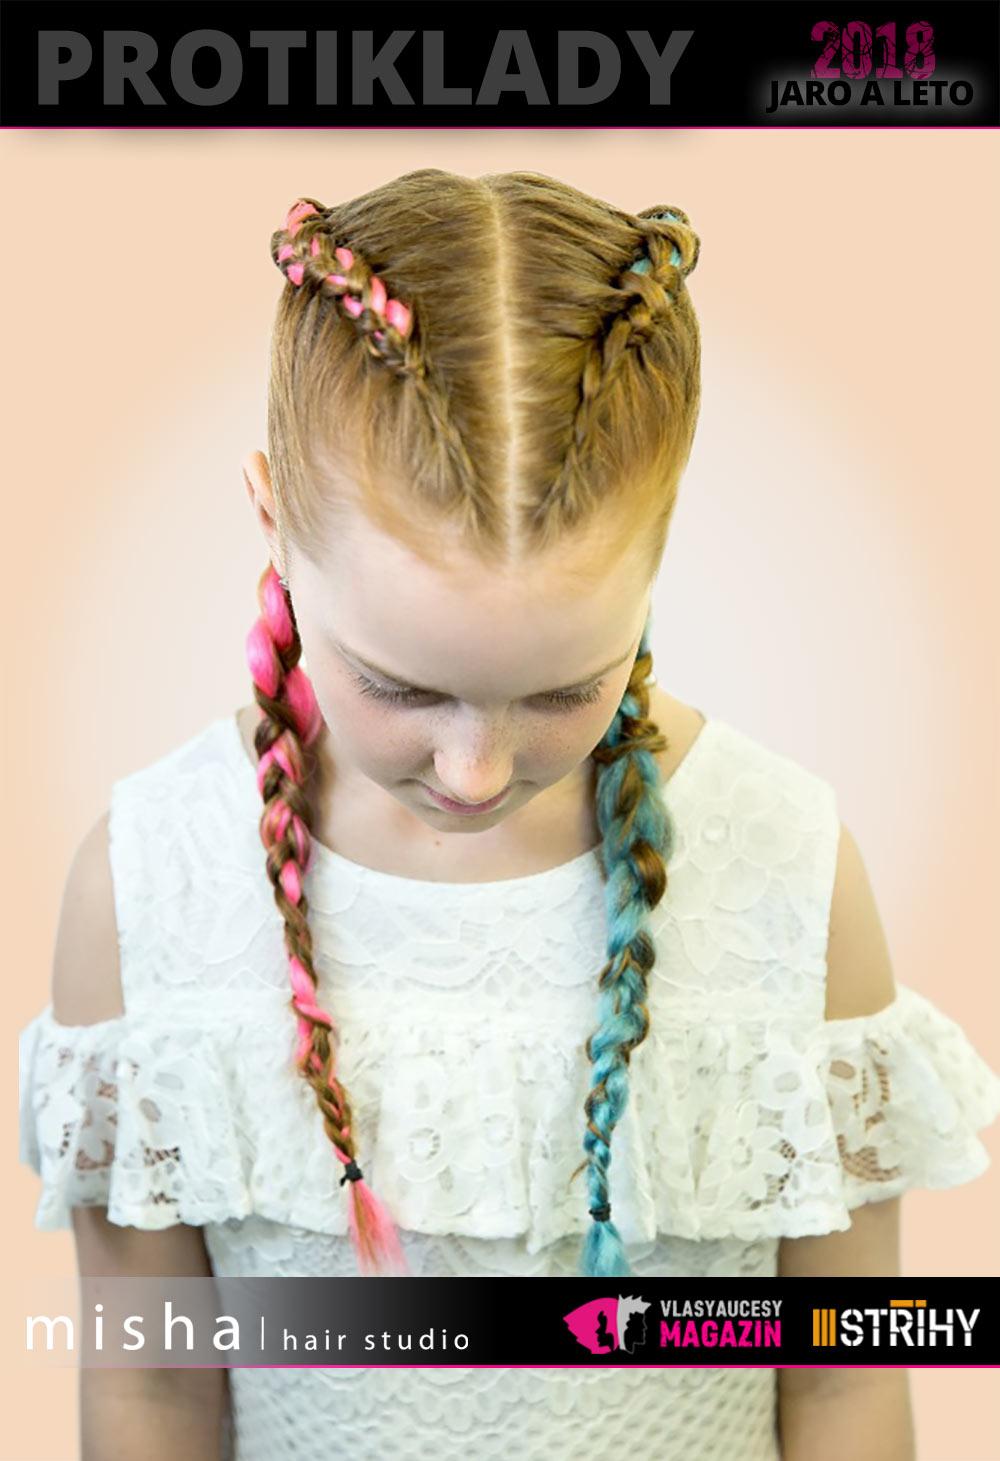 Dívčí účes 2018 z kolekce Protiklady Misha/hair Studio s pletenými copánky.